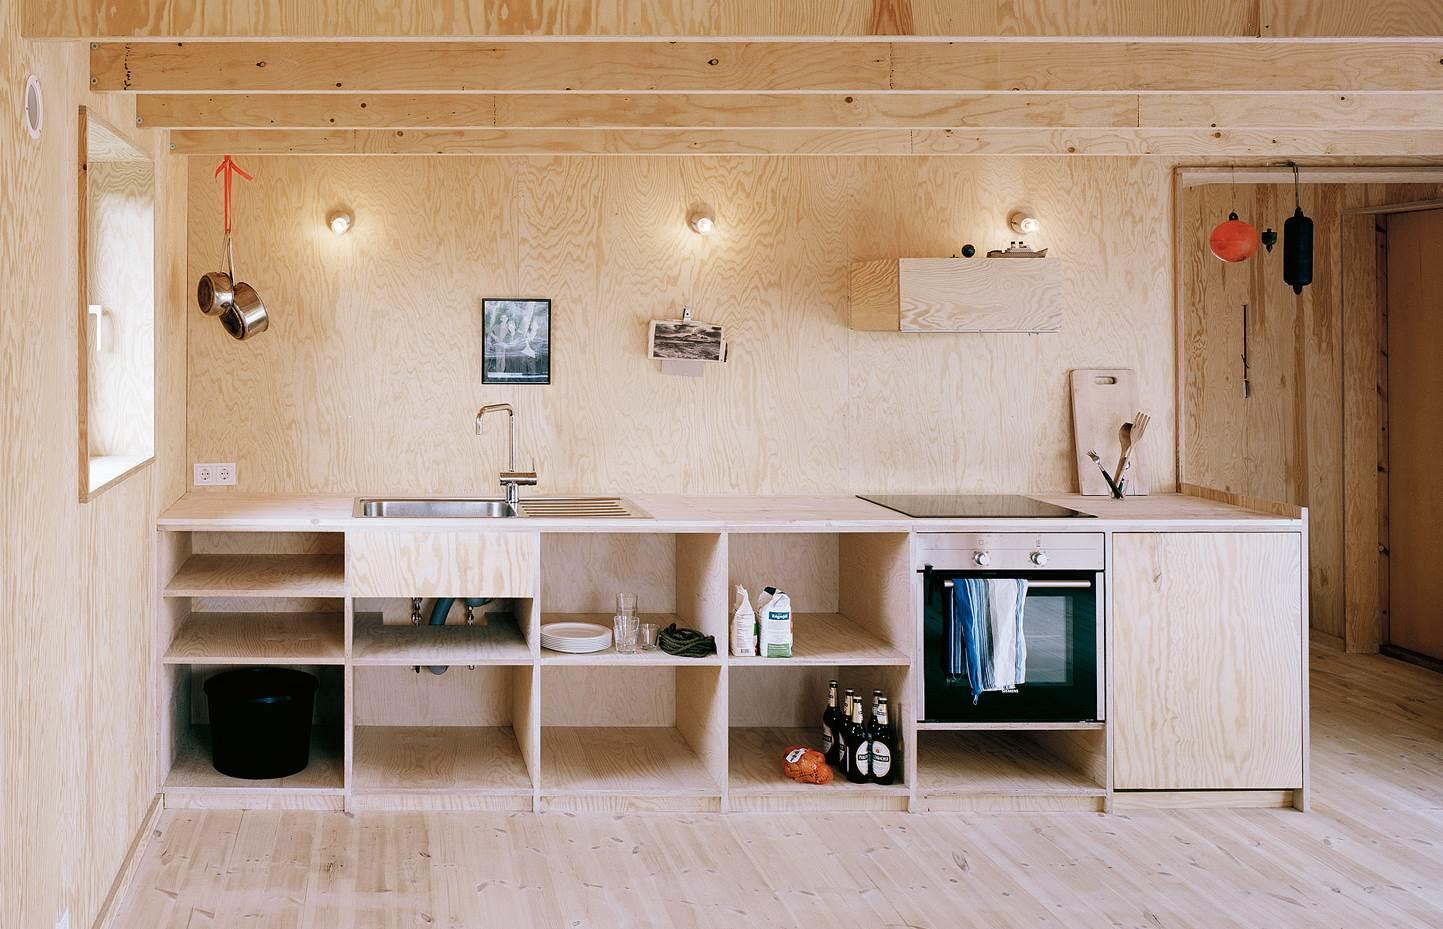 Кухня из фанеры своими руками - это высококачественный, экологичный кухонный гарнитур, гармонирующий с общим дизайном